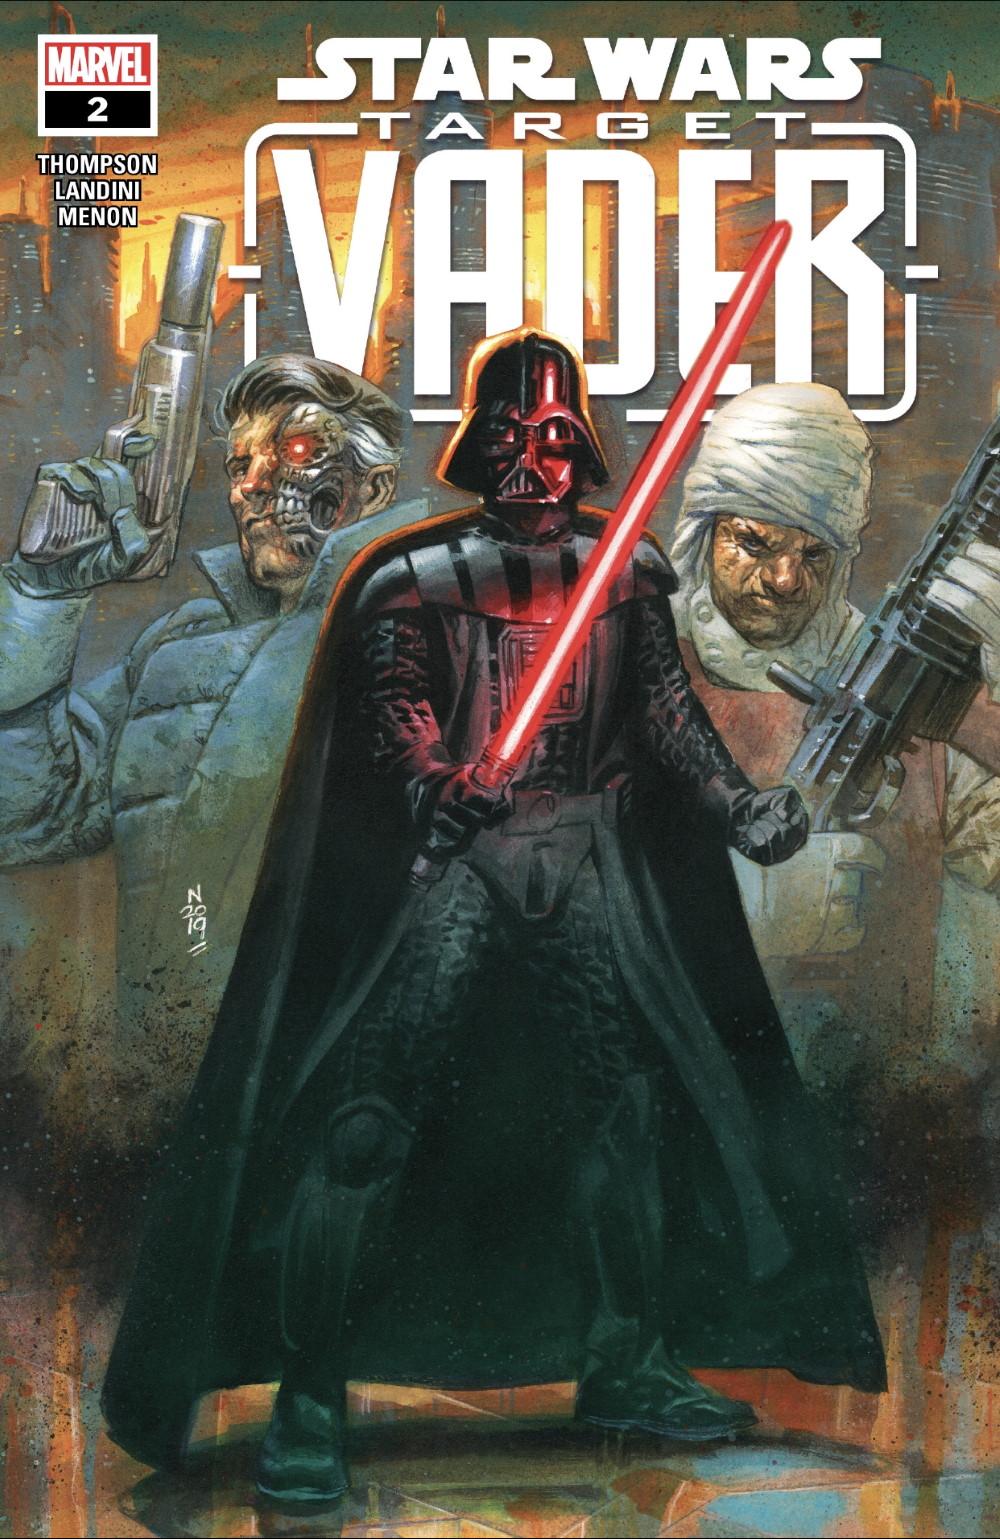 Target Vader #2 Cover